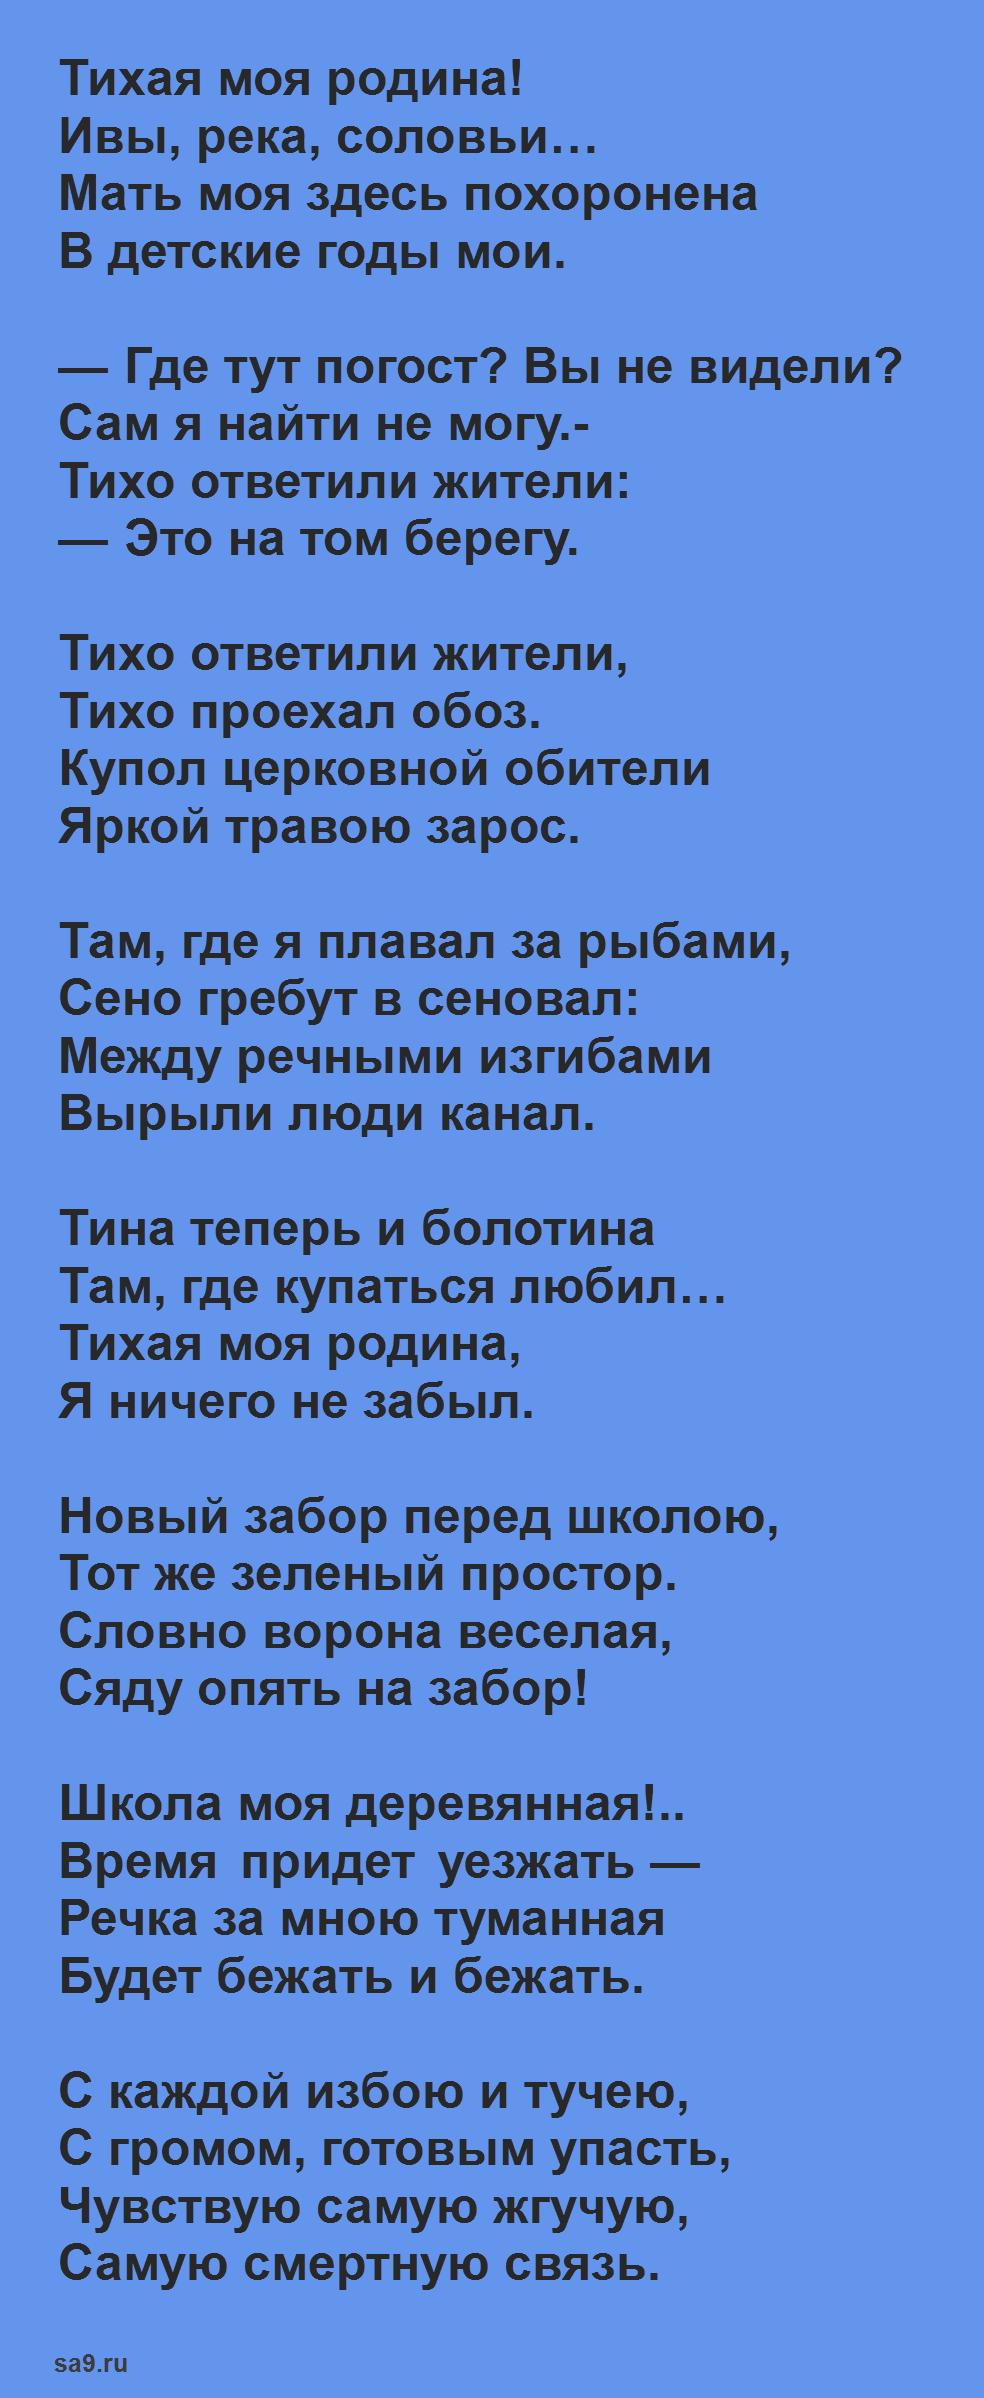 Рубцов стихи о Родине - Тихая моя Родина